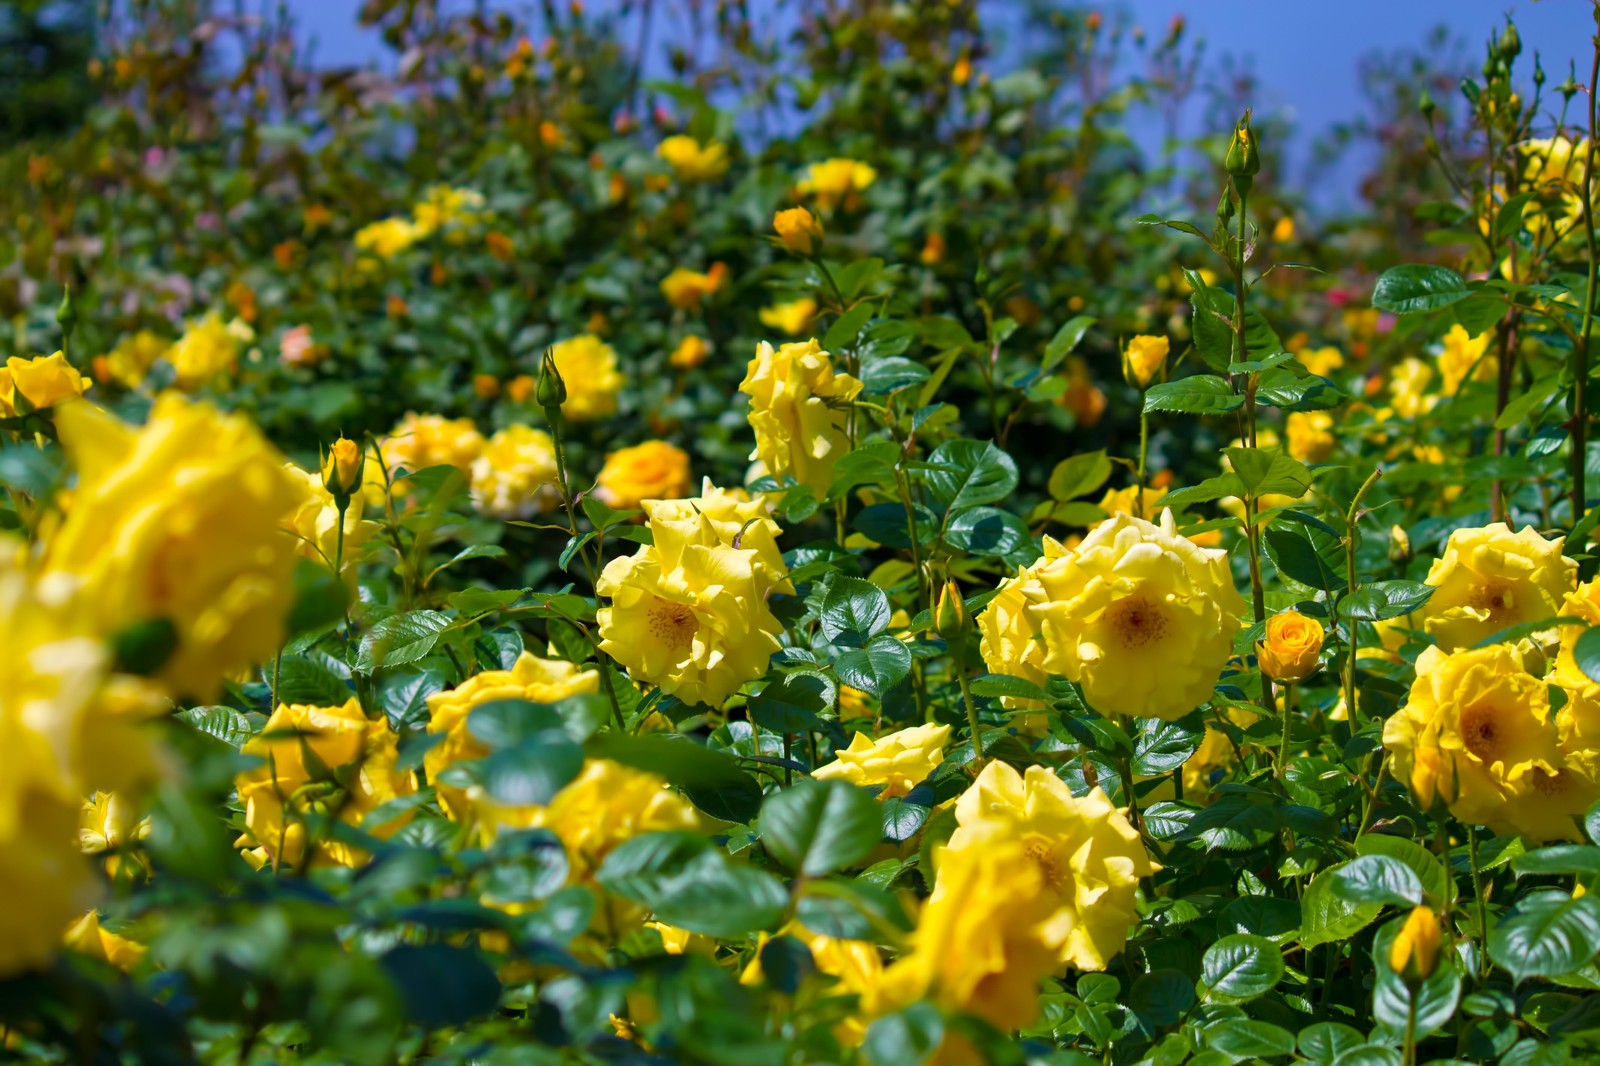 「広がる黄色い薔薇」の写真